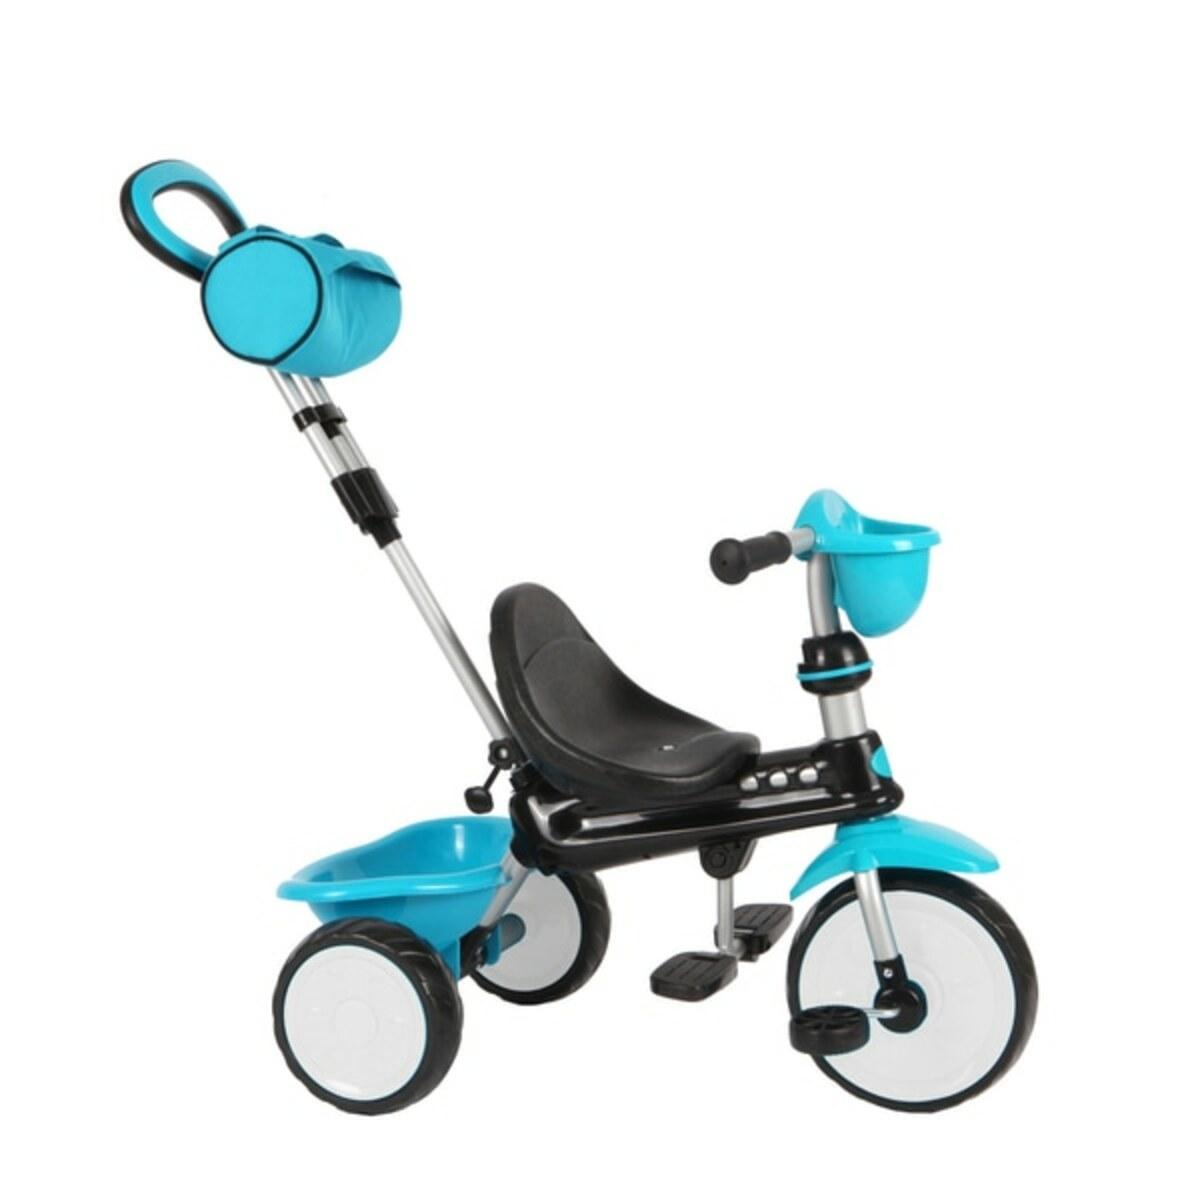 Bild 5 von QPlay - Dreirad Comfort 3in1, blau